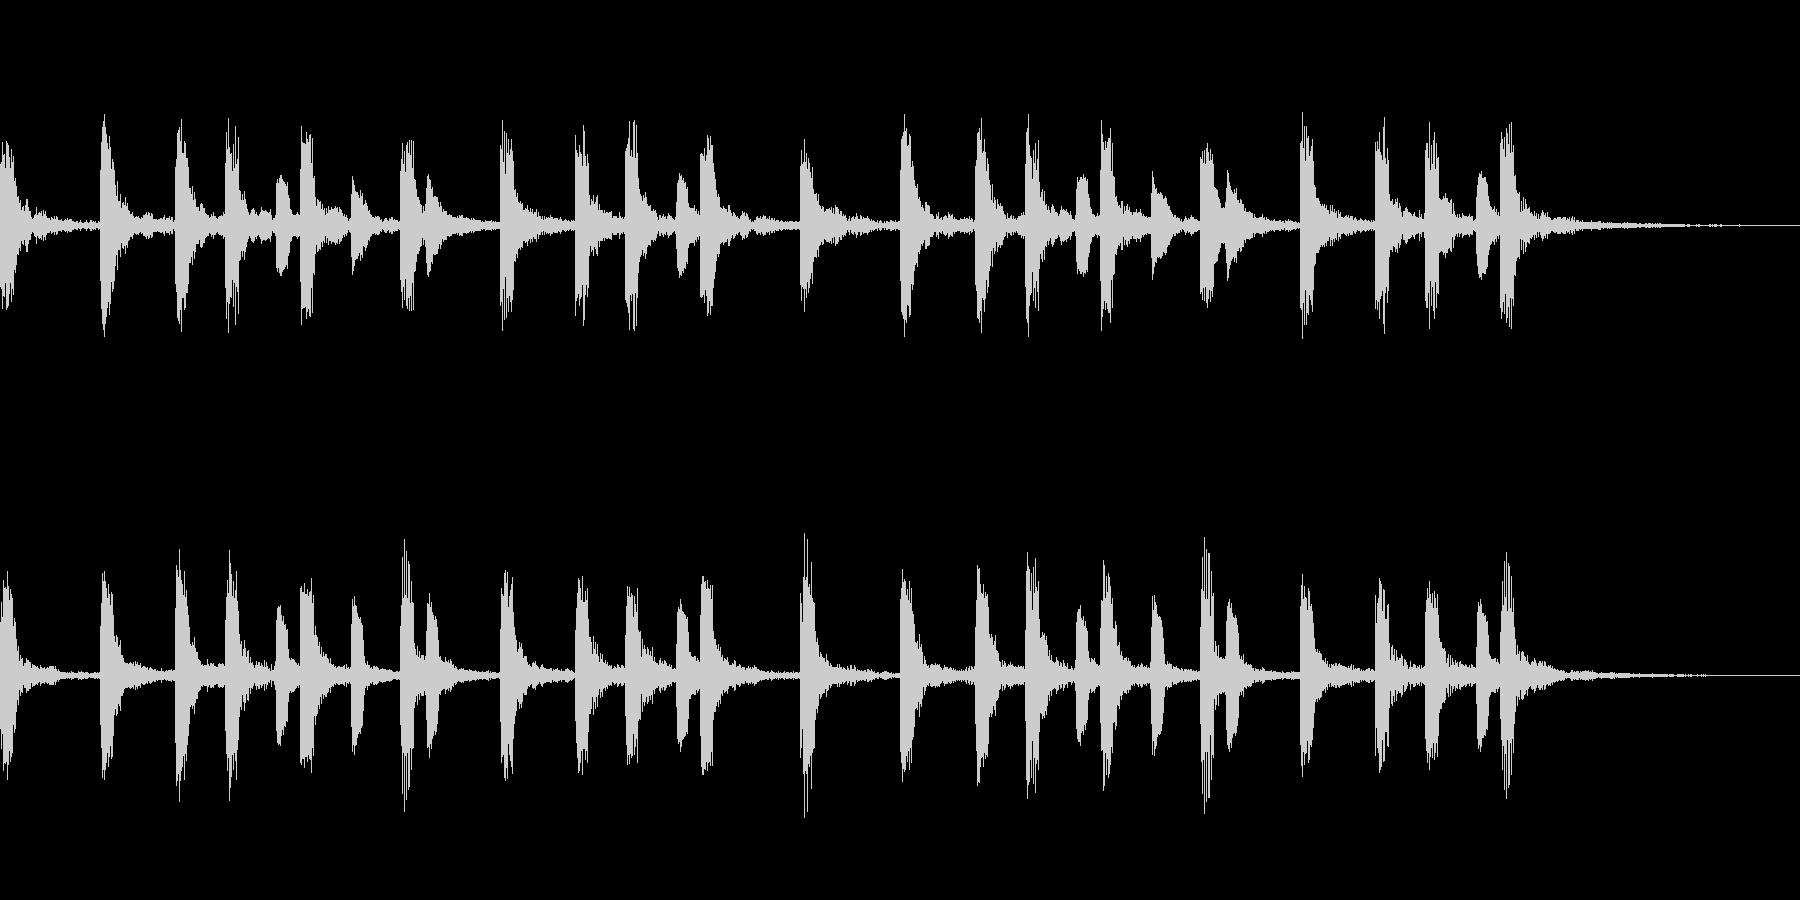 一件落着のジングル、CMにも使えます。の未再生の波形